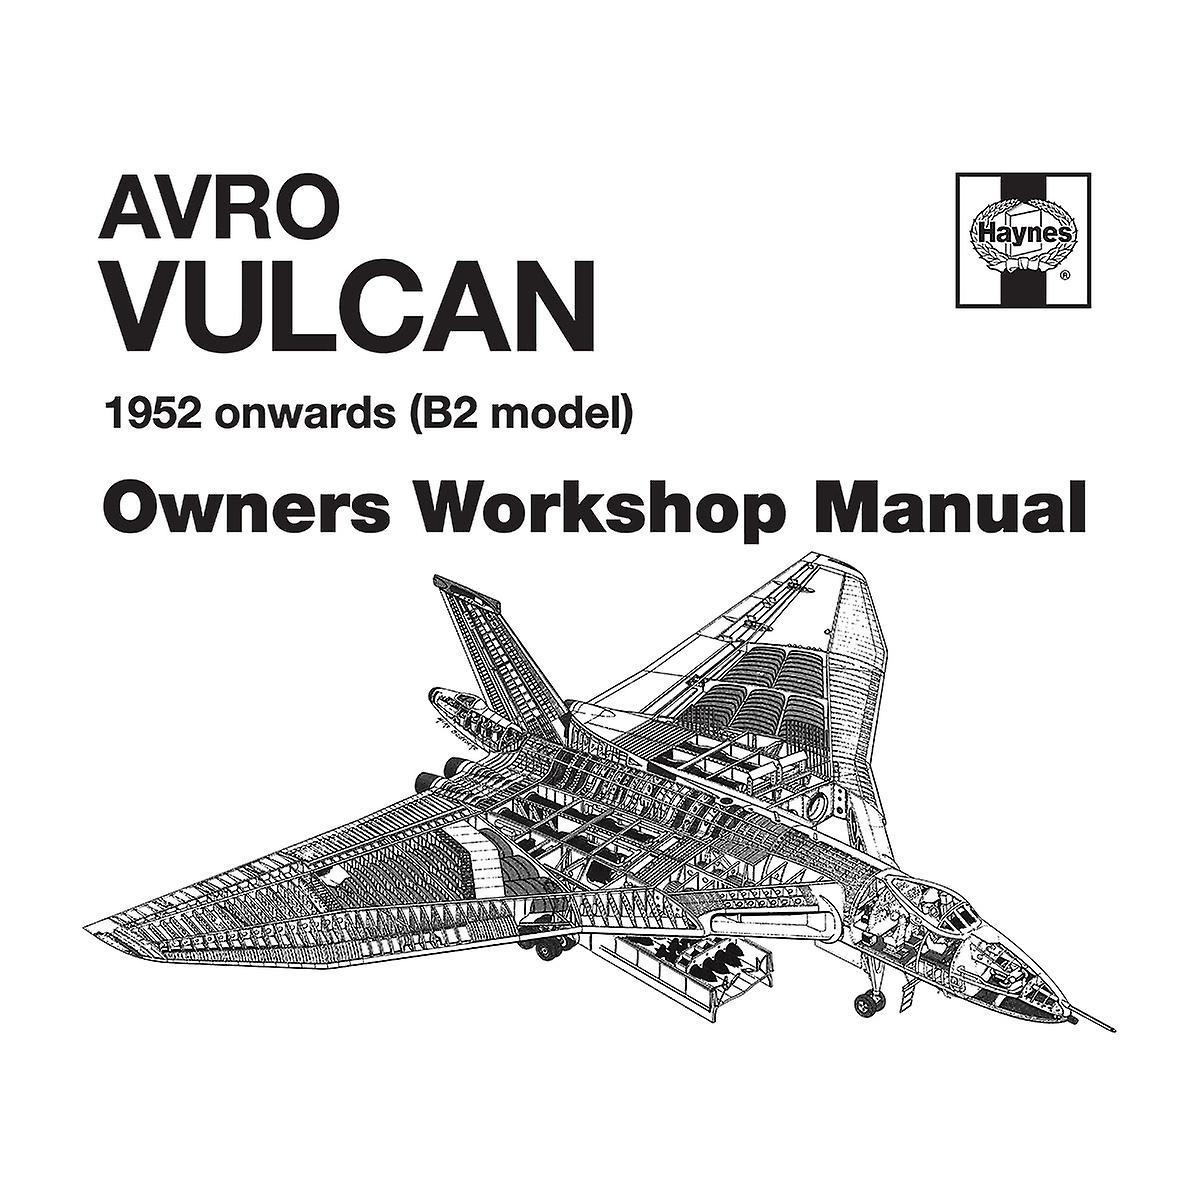 Haynes Owners Workshop Manual Avro Vulcan 1952 B2 Kid's